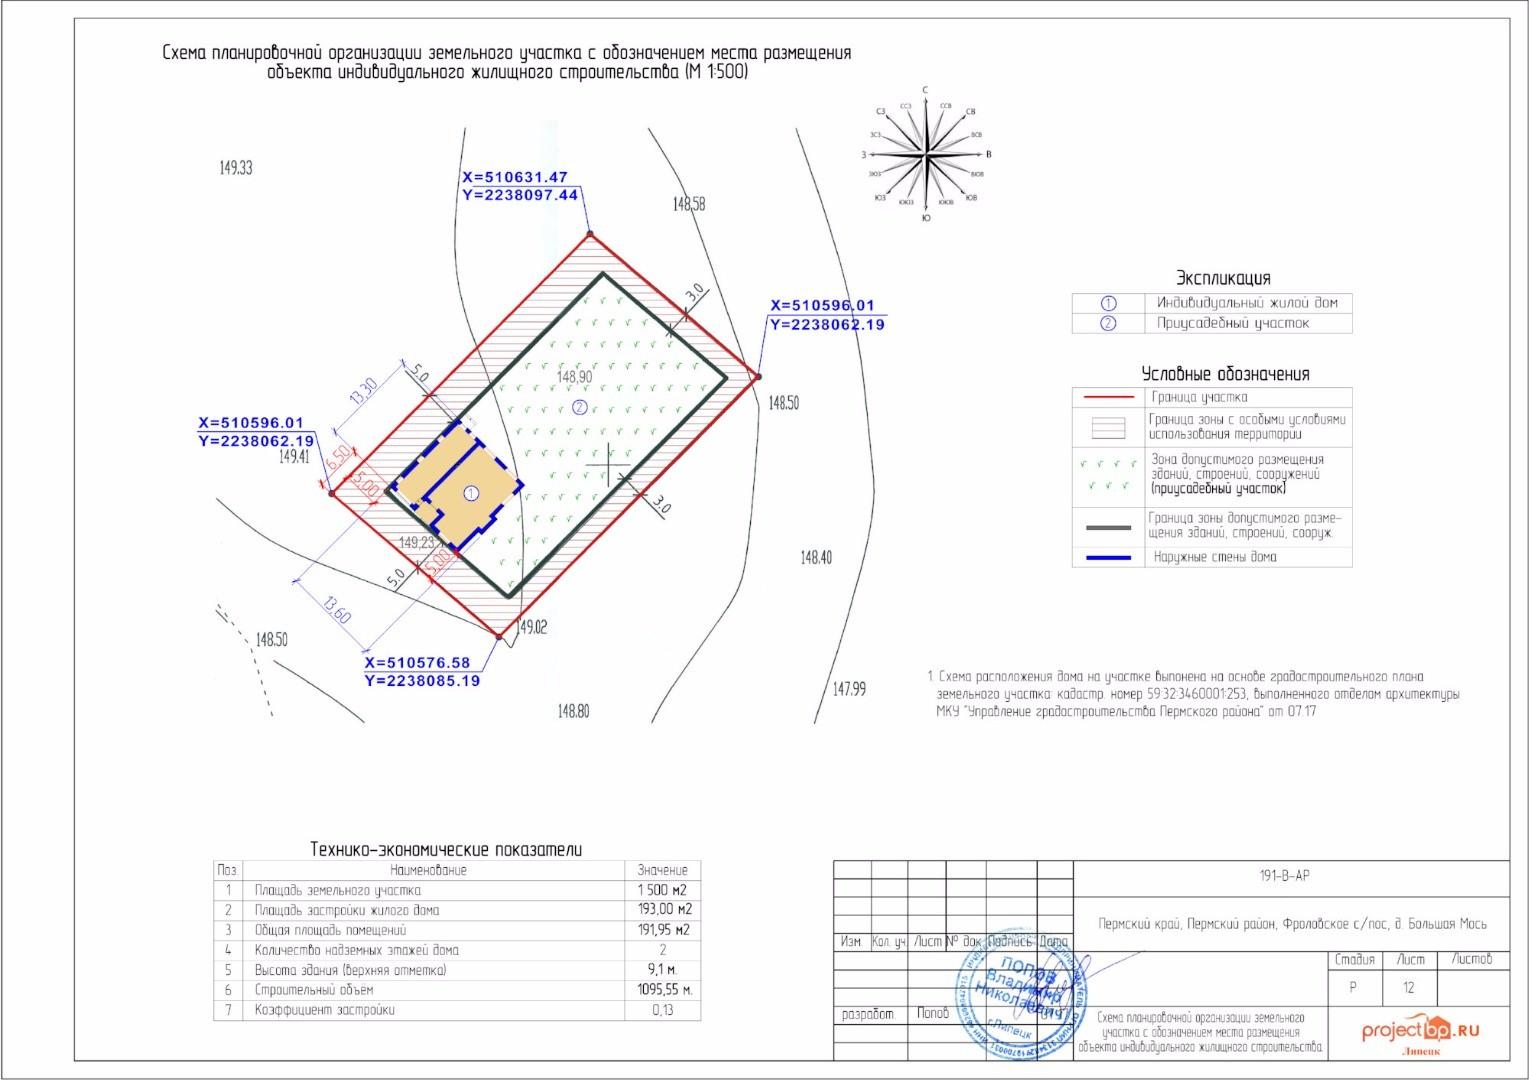 Исполнительная схема расположения объекта капитального строительства в границах земельного участка